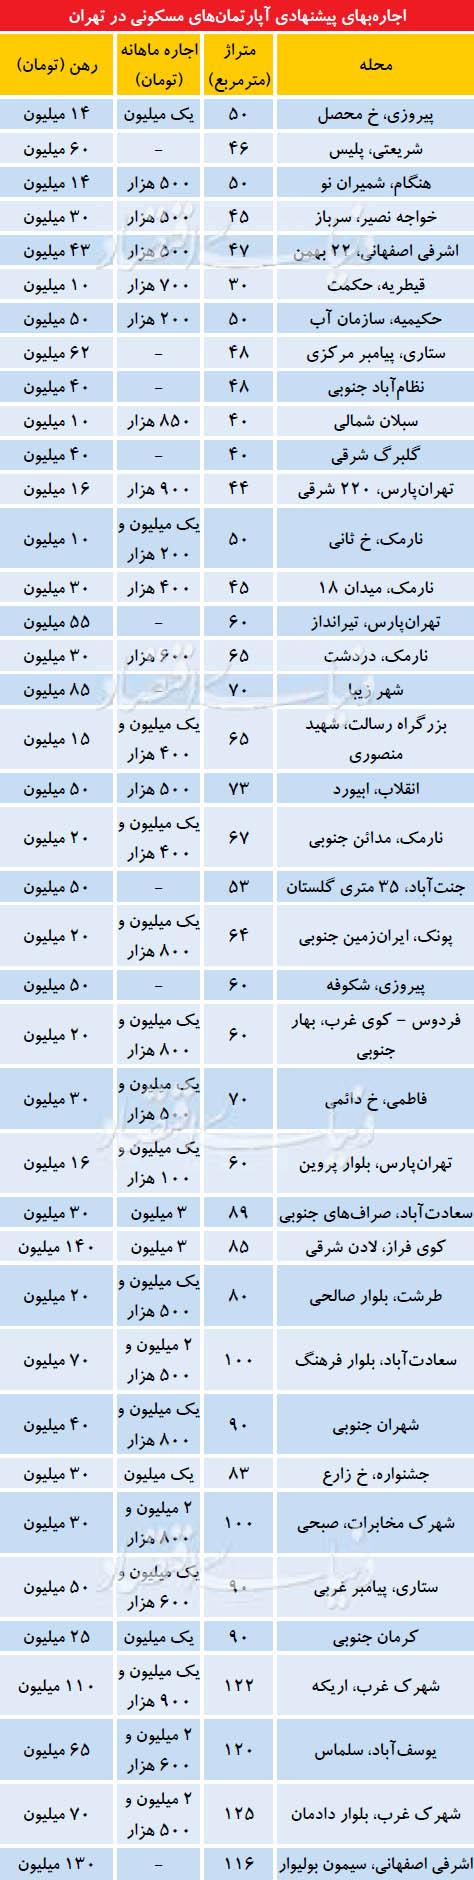 اجارهبهای پیشنهادی آپارتمانهای مسکونی در تهران + جدول